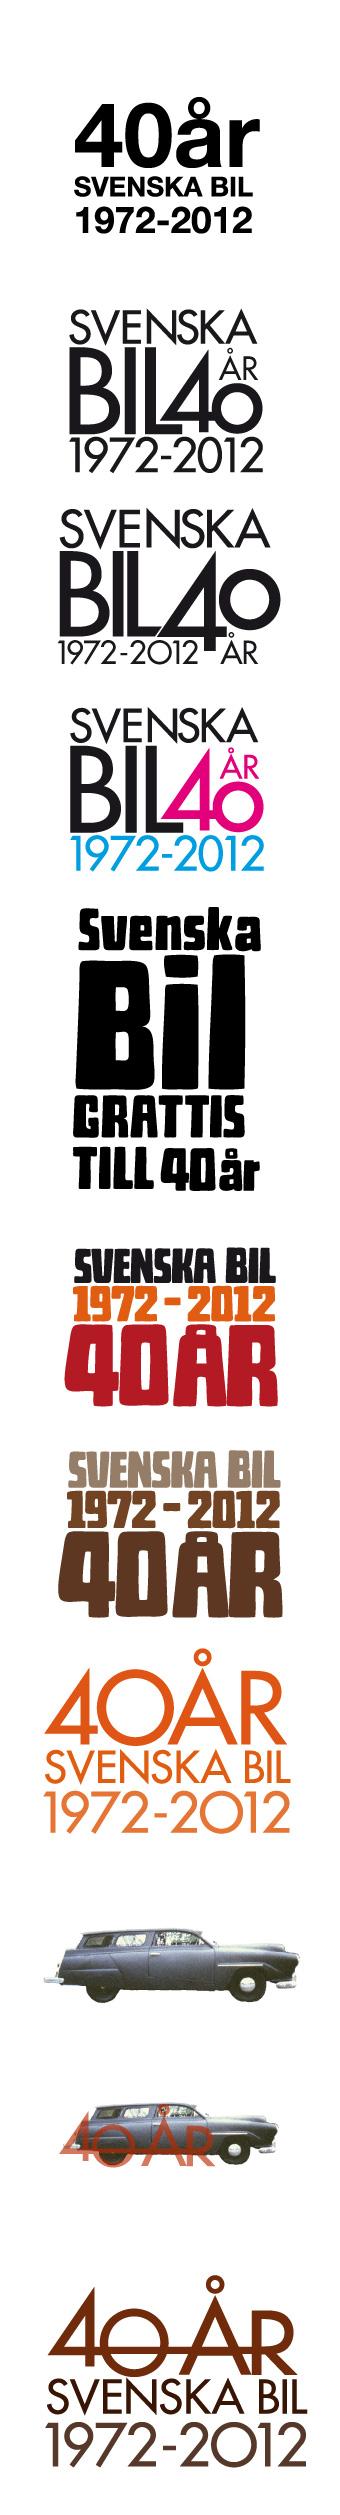 40-ars-logo-skiss-med-bil